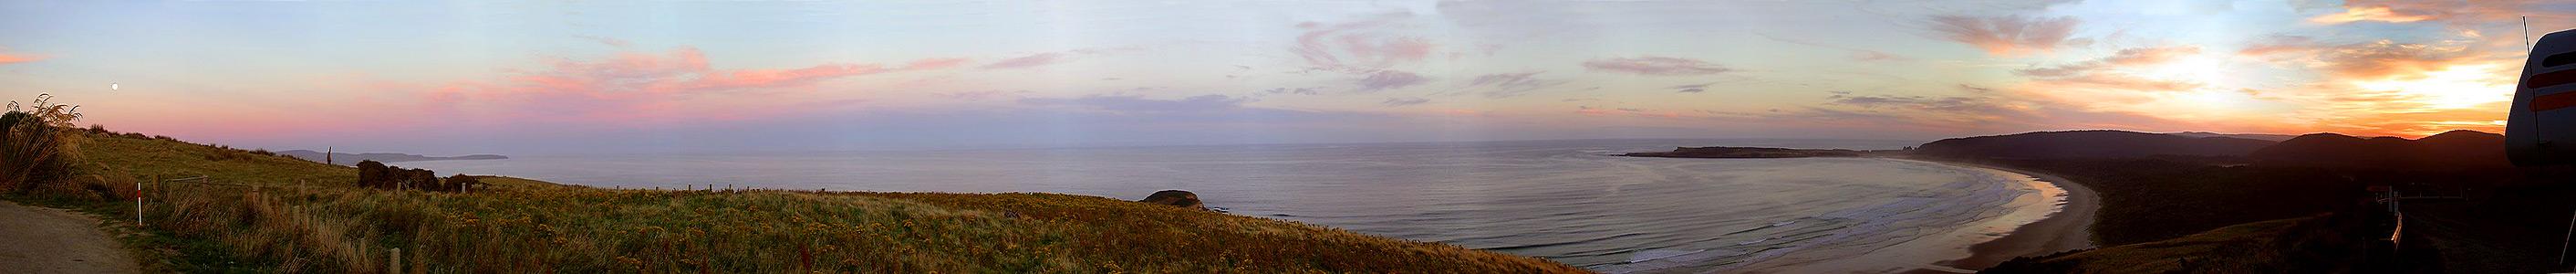 Tautuku Bay Sunset